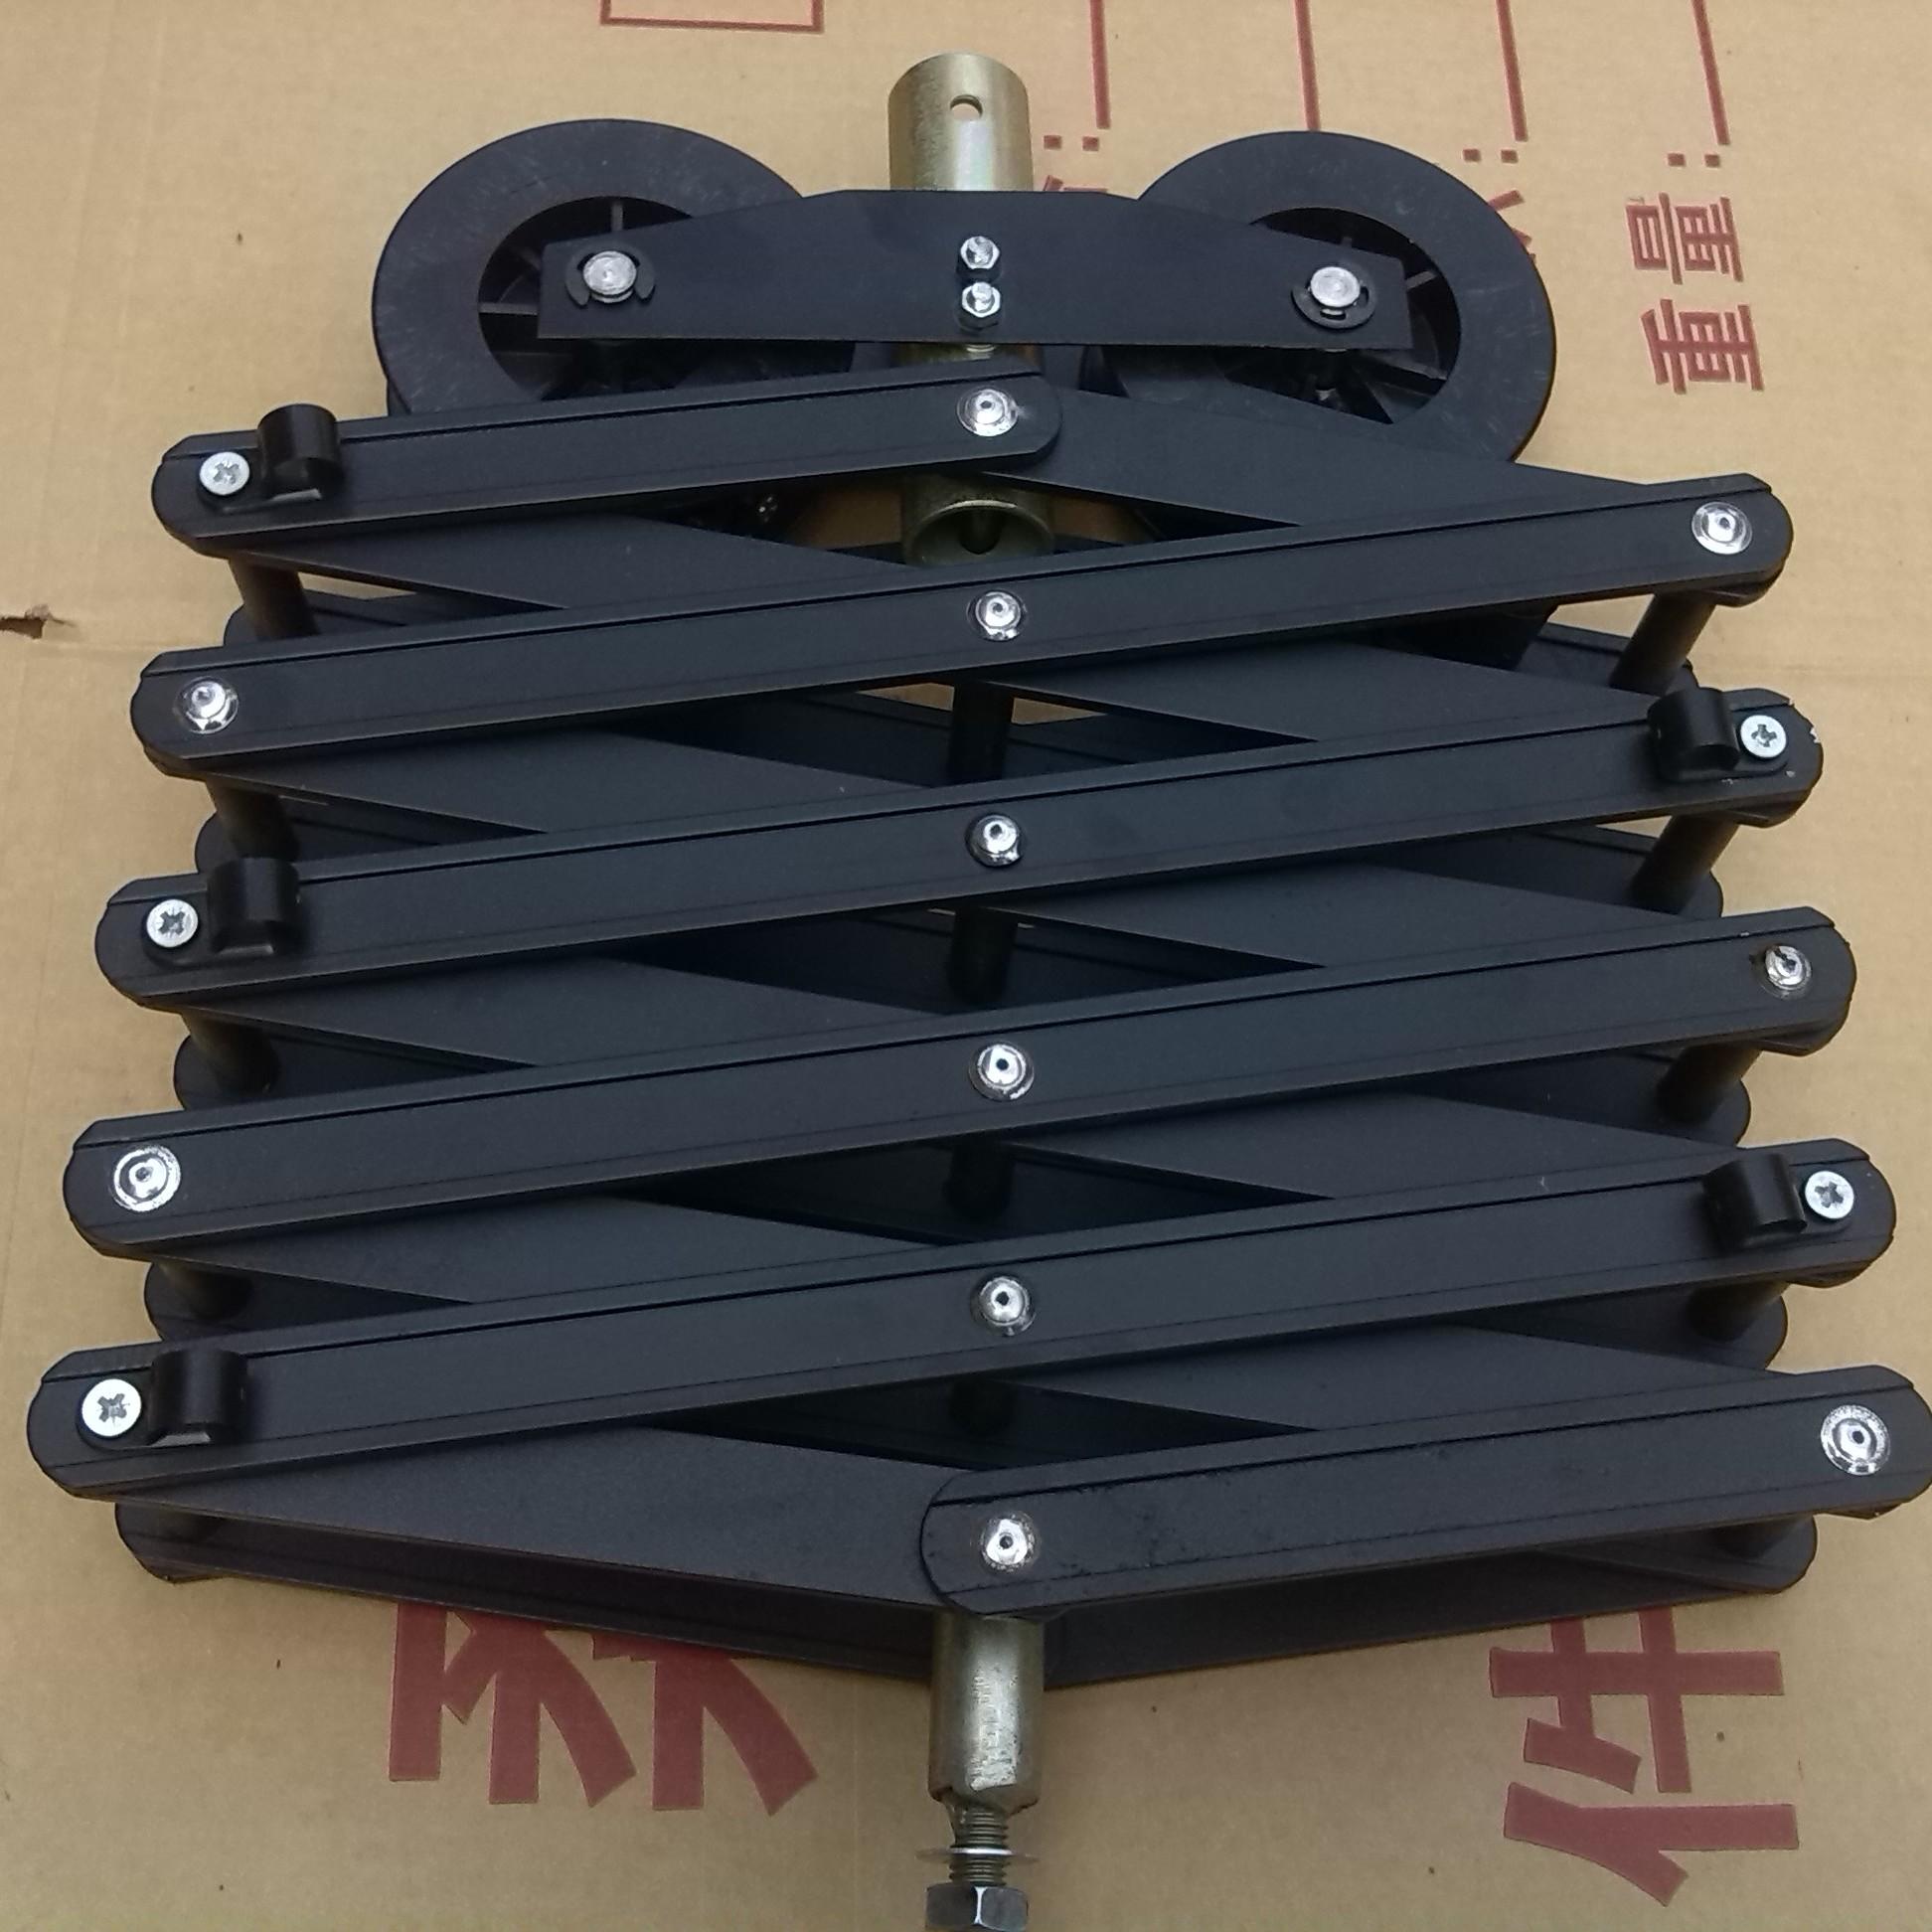 供应演播室灯光正欣康恒力铰链铰链式恒力吊杆恒力铰链吊杆恒力铰链现货厂家价格